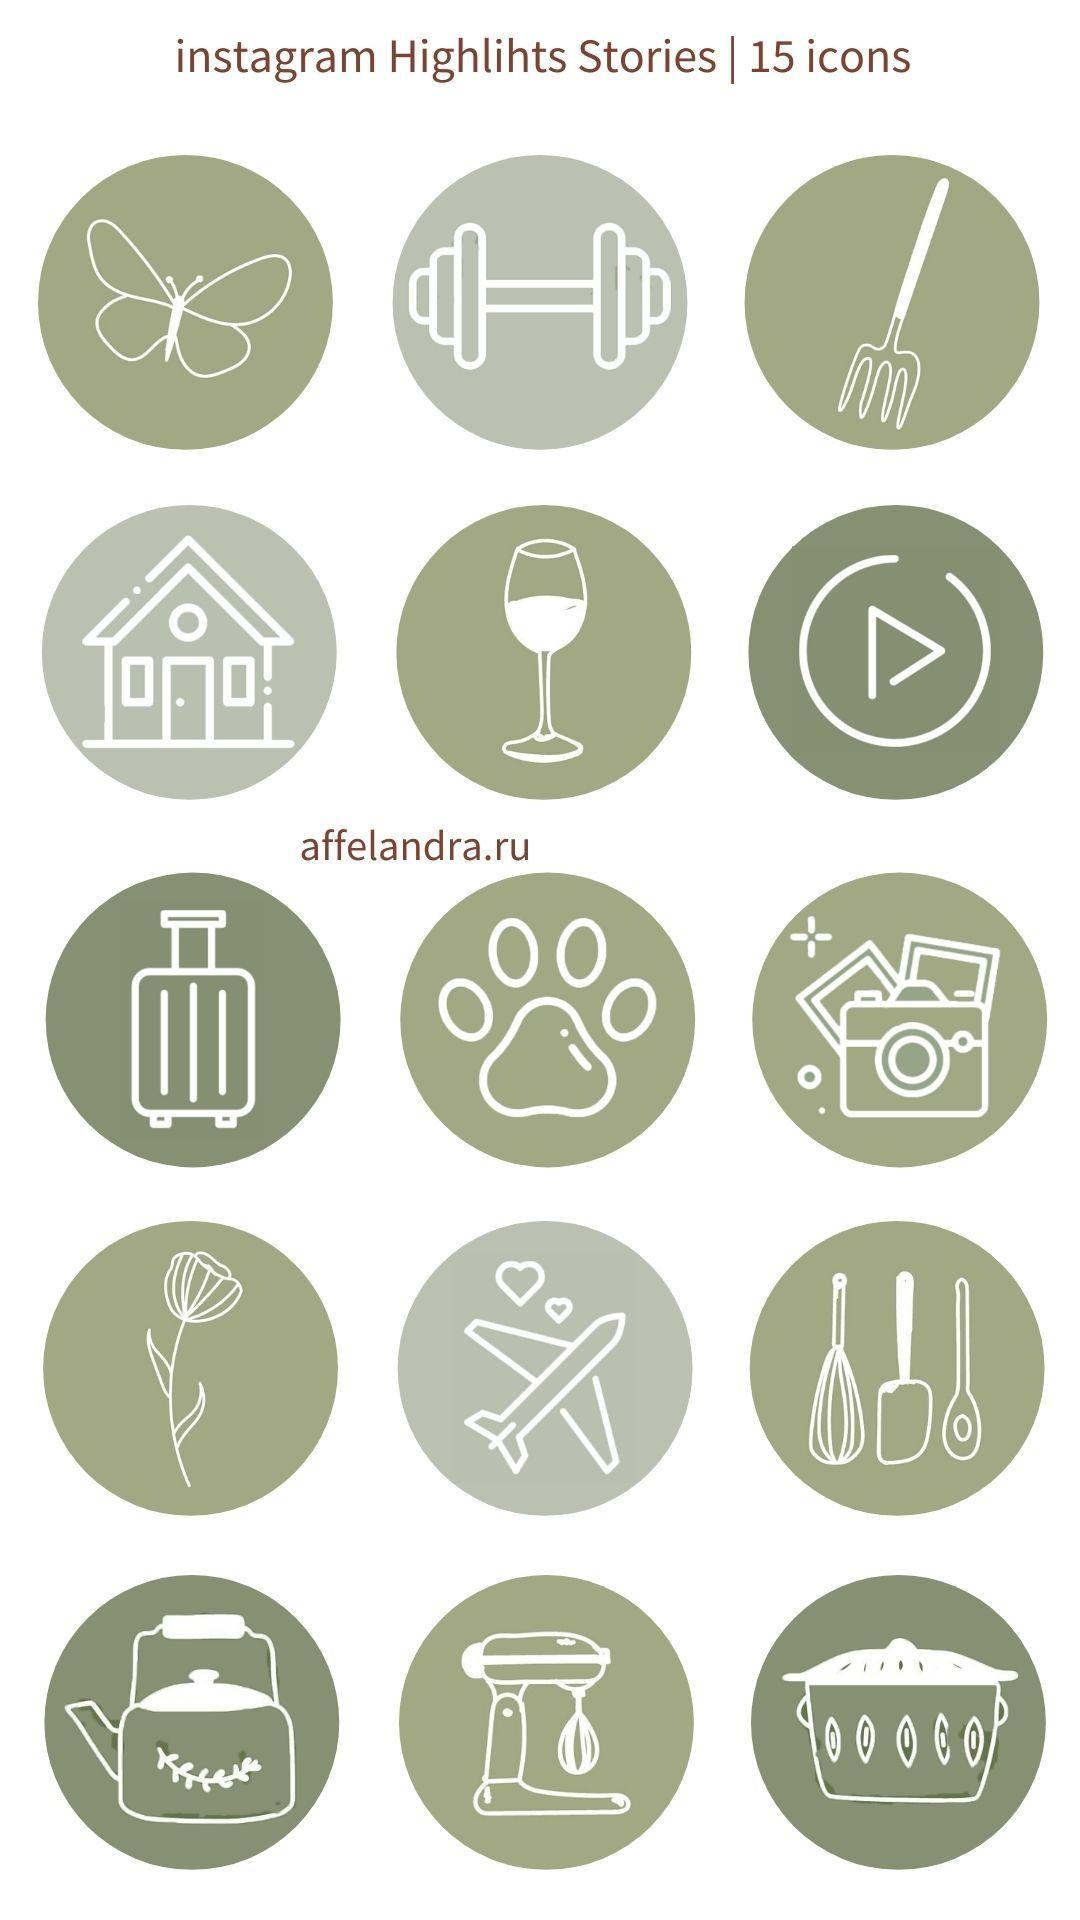 Бесплатные иконки для актуальных сторис в Инстагра